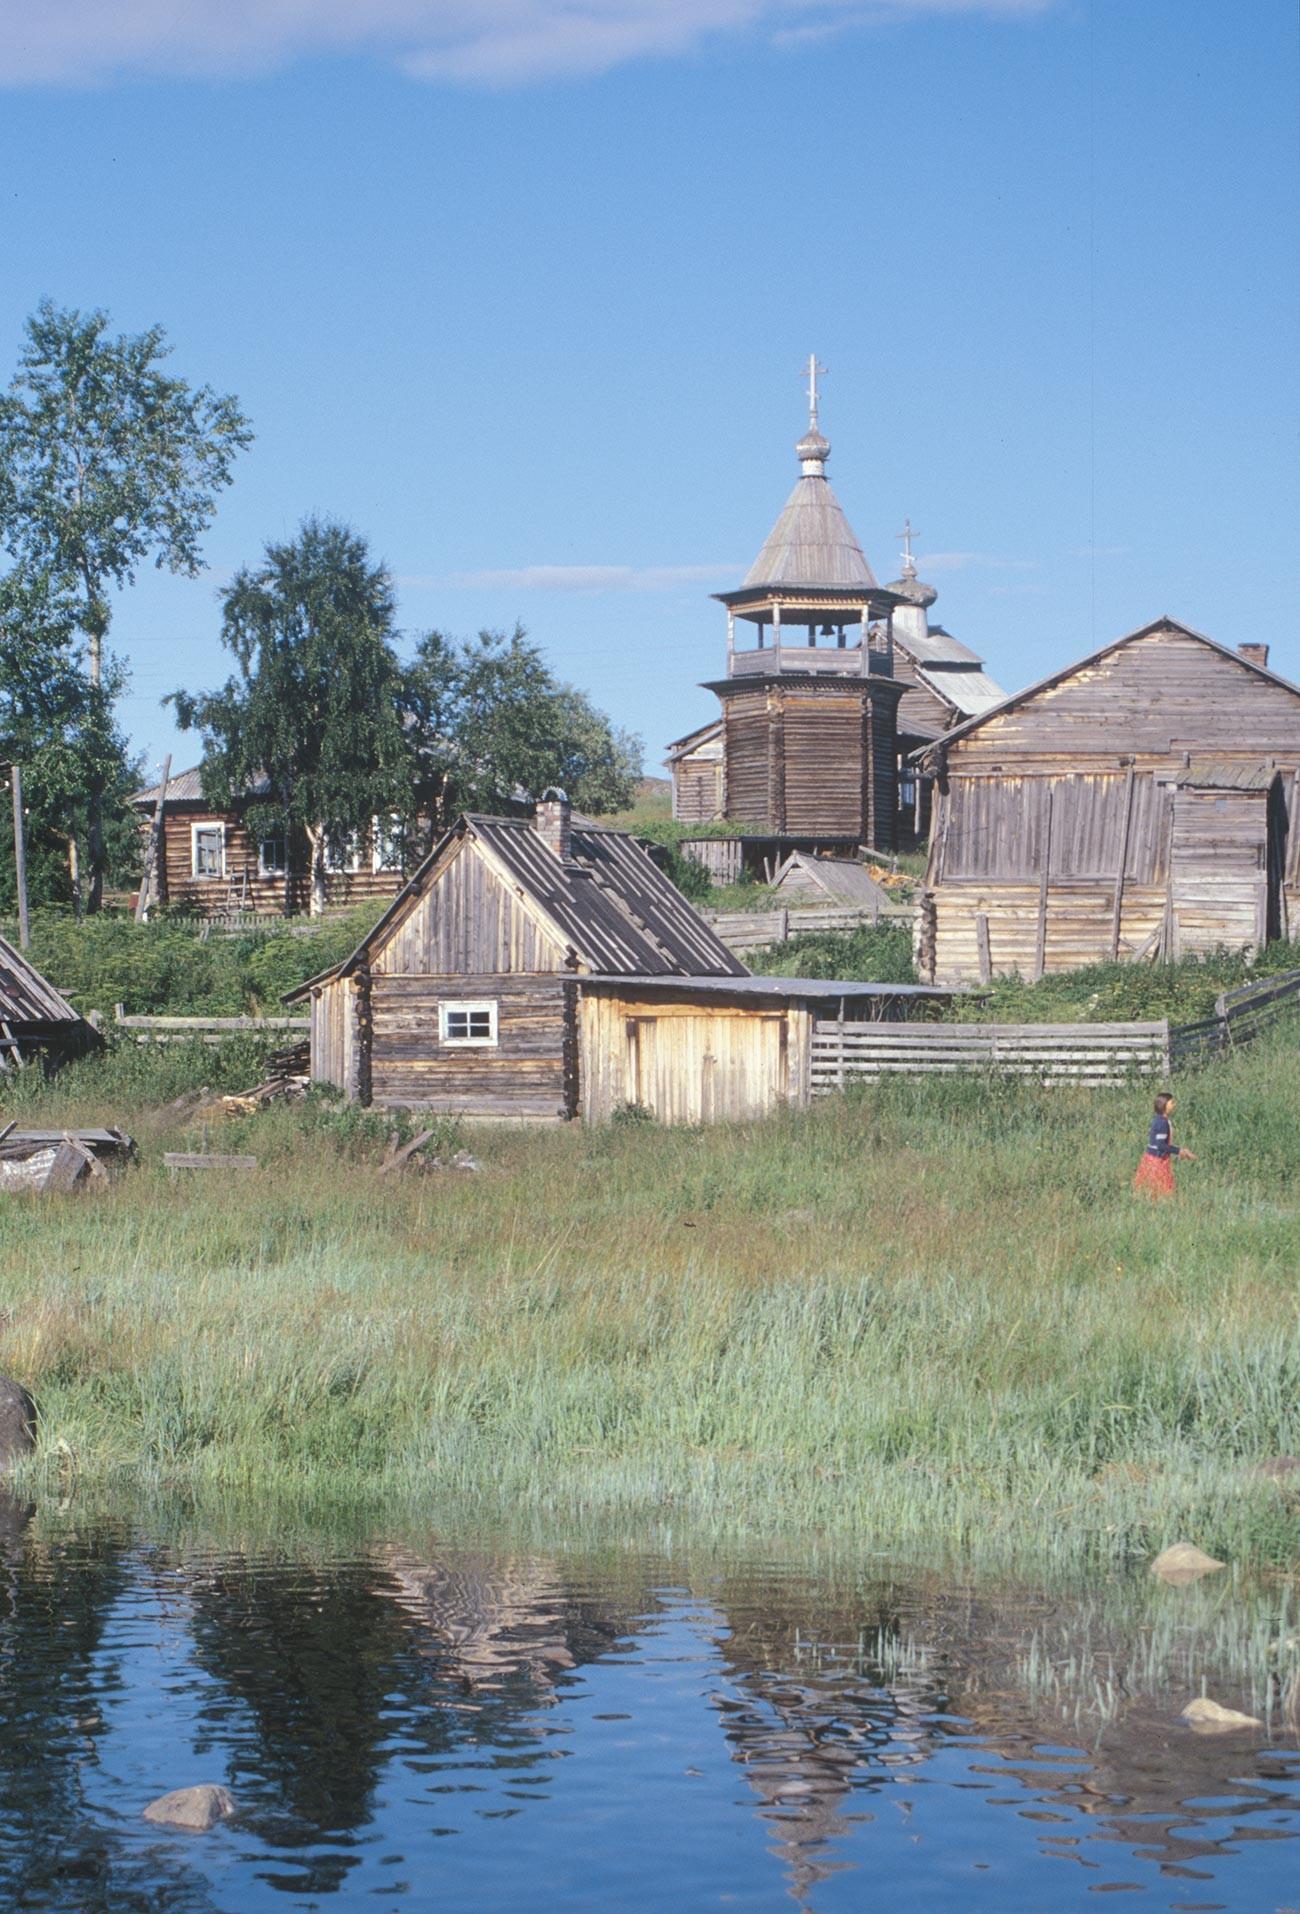 Kovda. Maison en rondins, bania et grange. Arrière-plan: clocher et église Saint-Nicolas. Photographie: William Brumfield. 24 juillet 2001